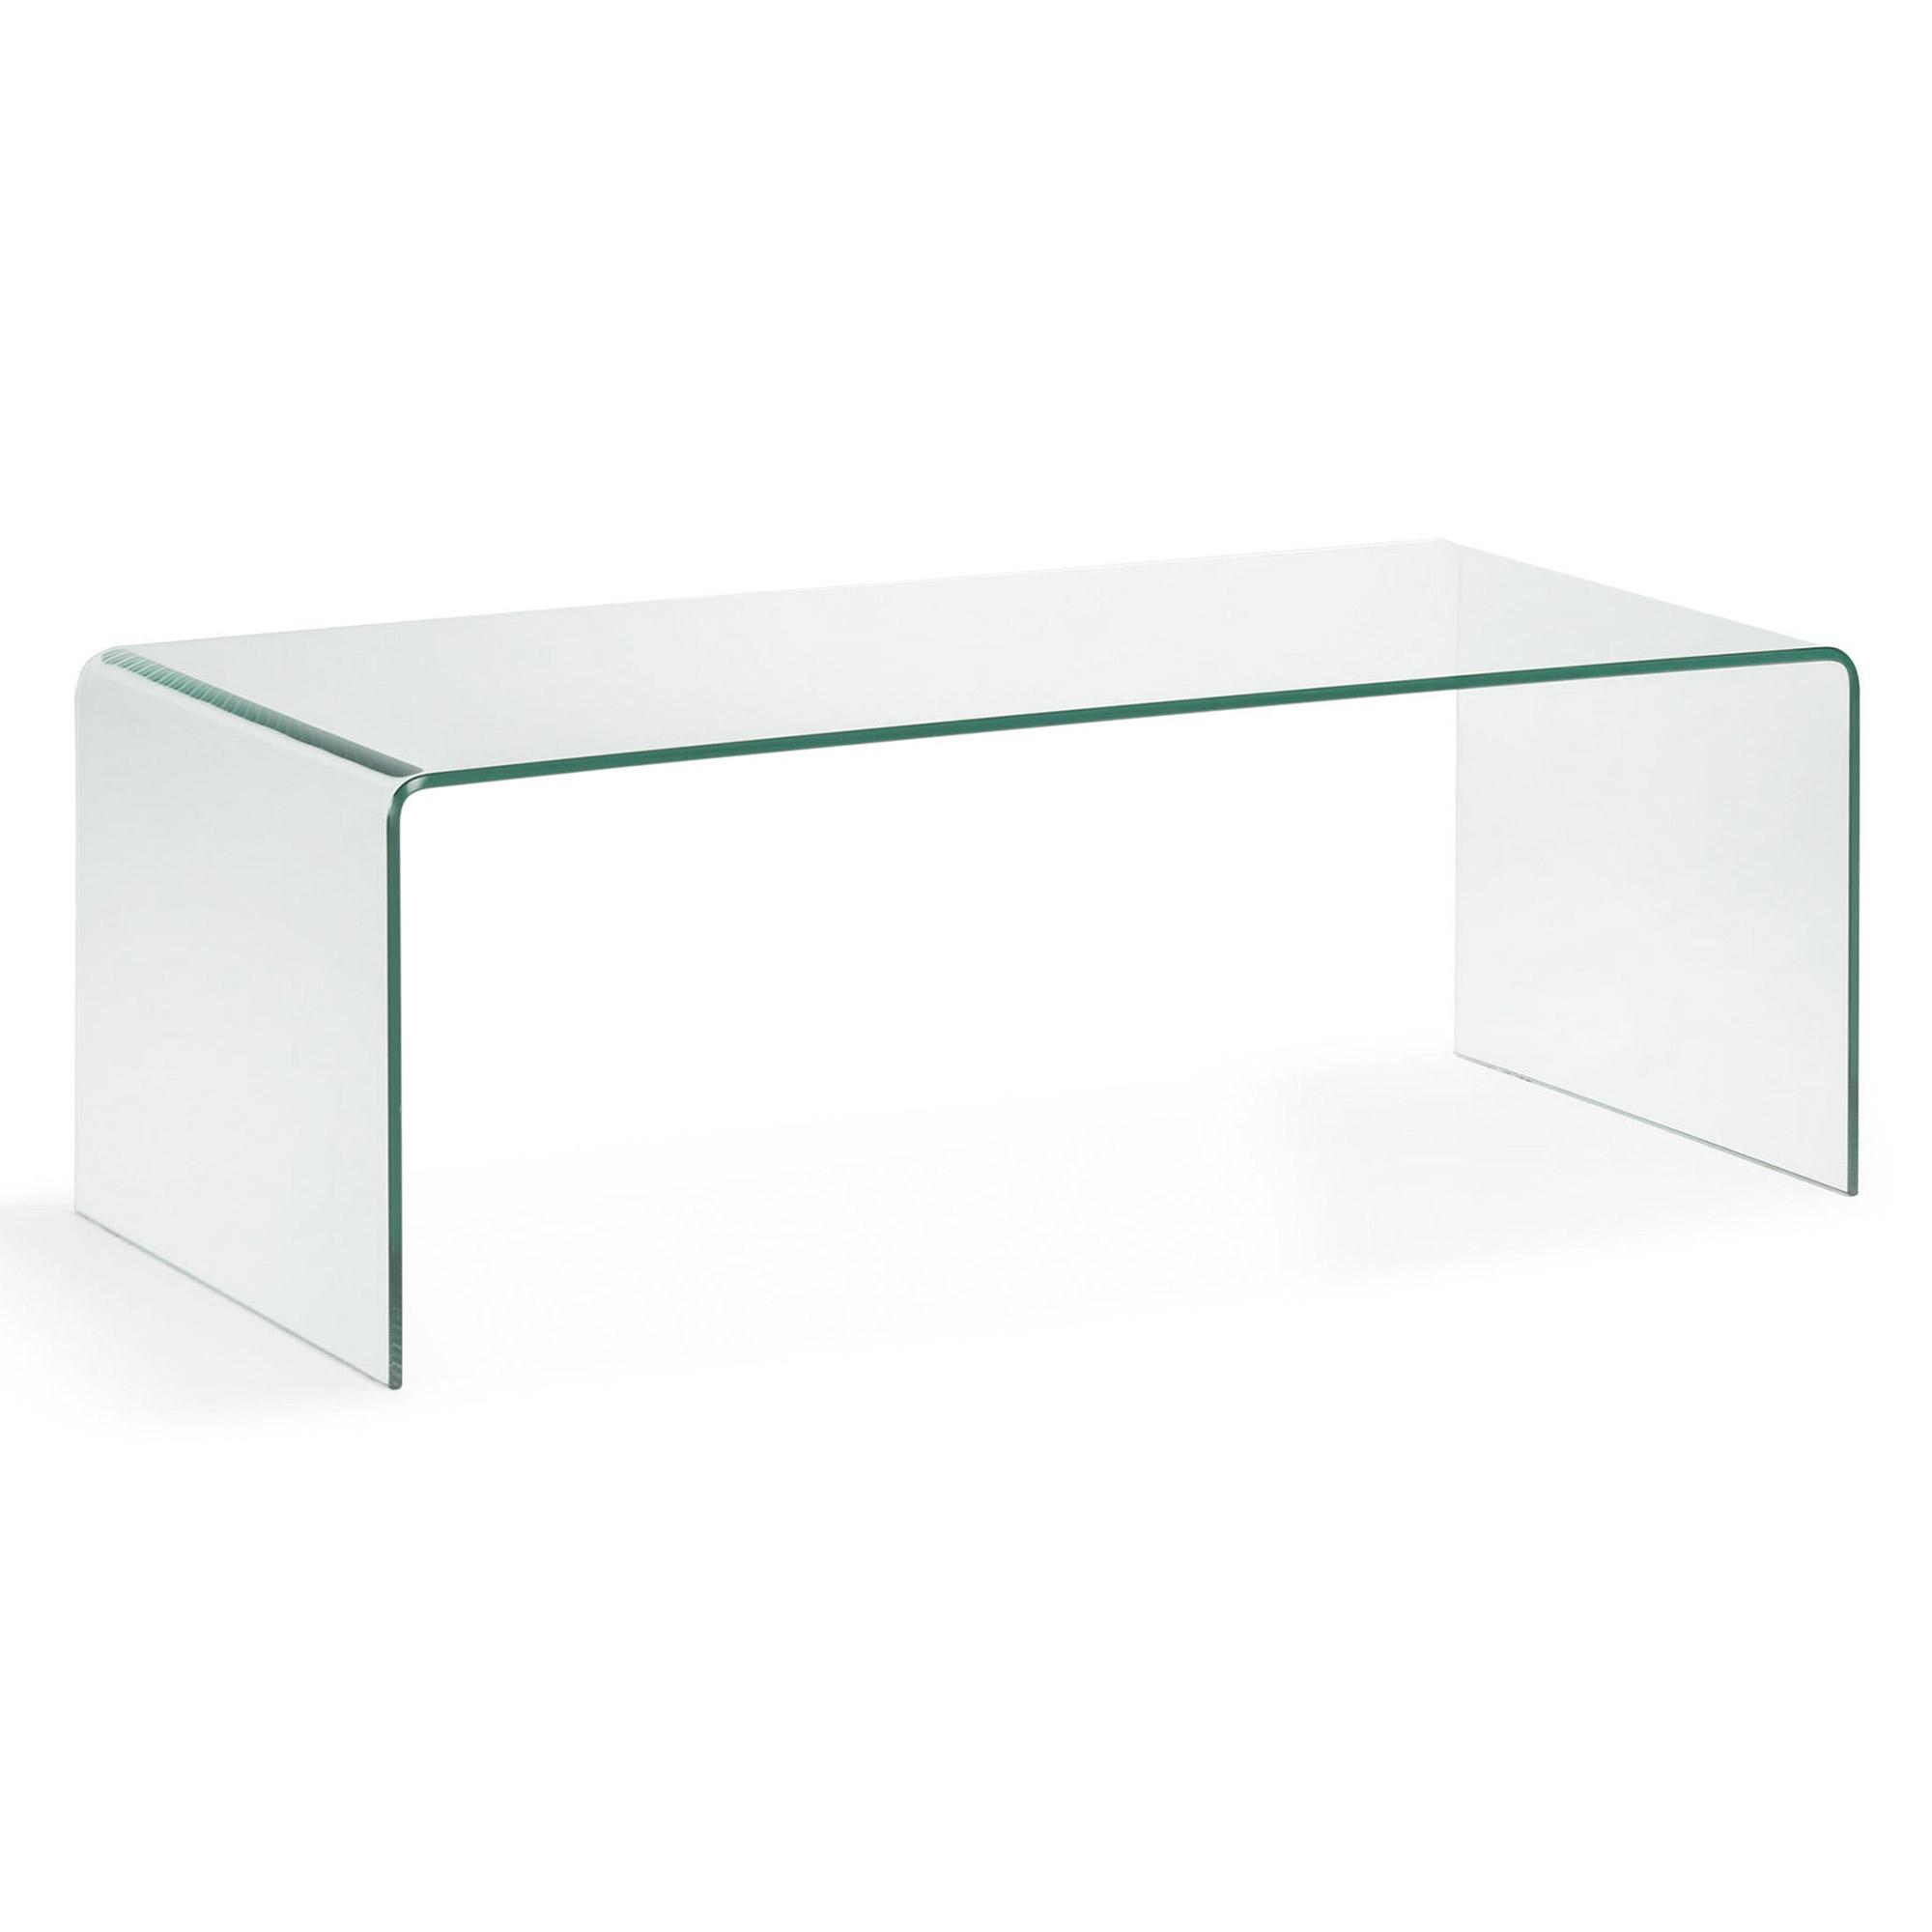 Burano mesa centro 110x38 cristal transparente - Mesa centro transparente ...